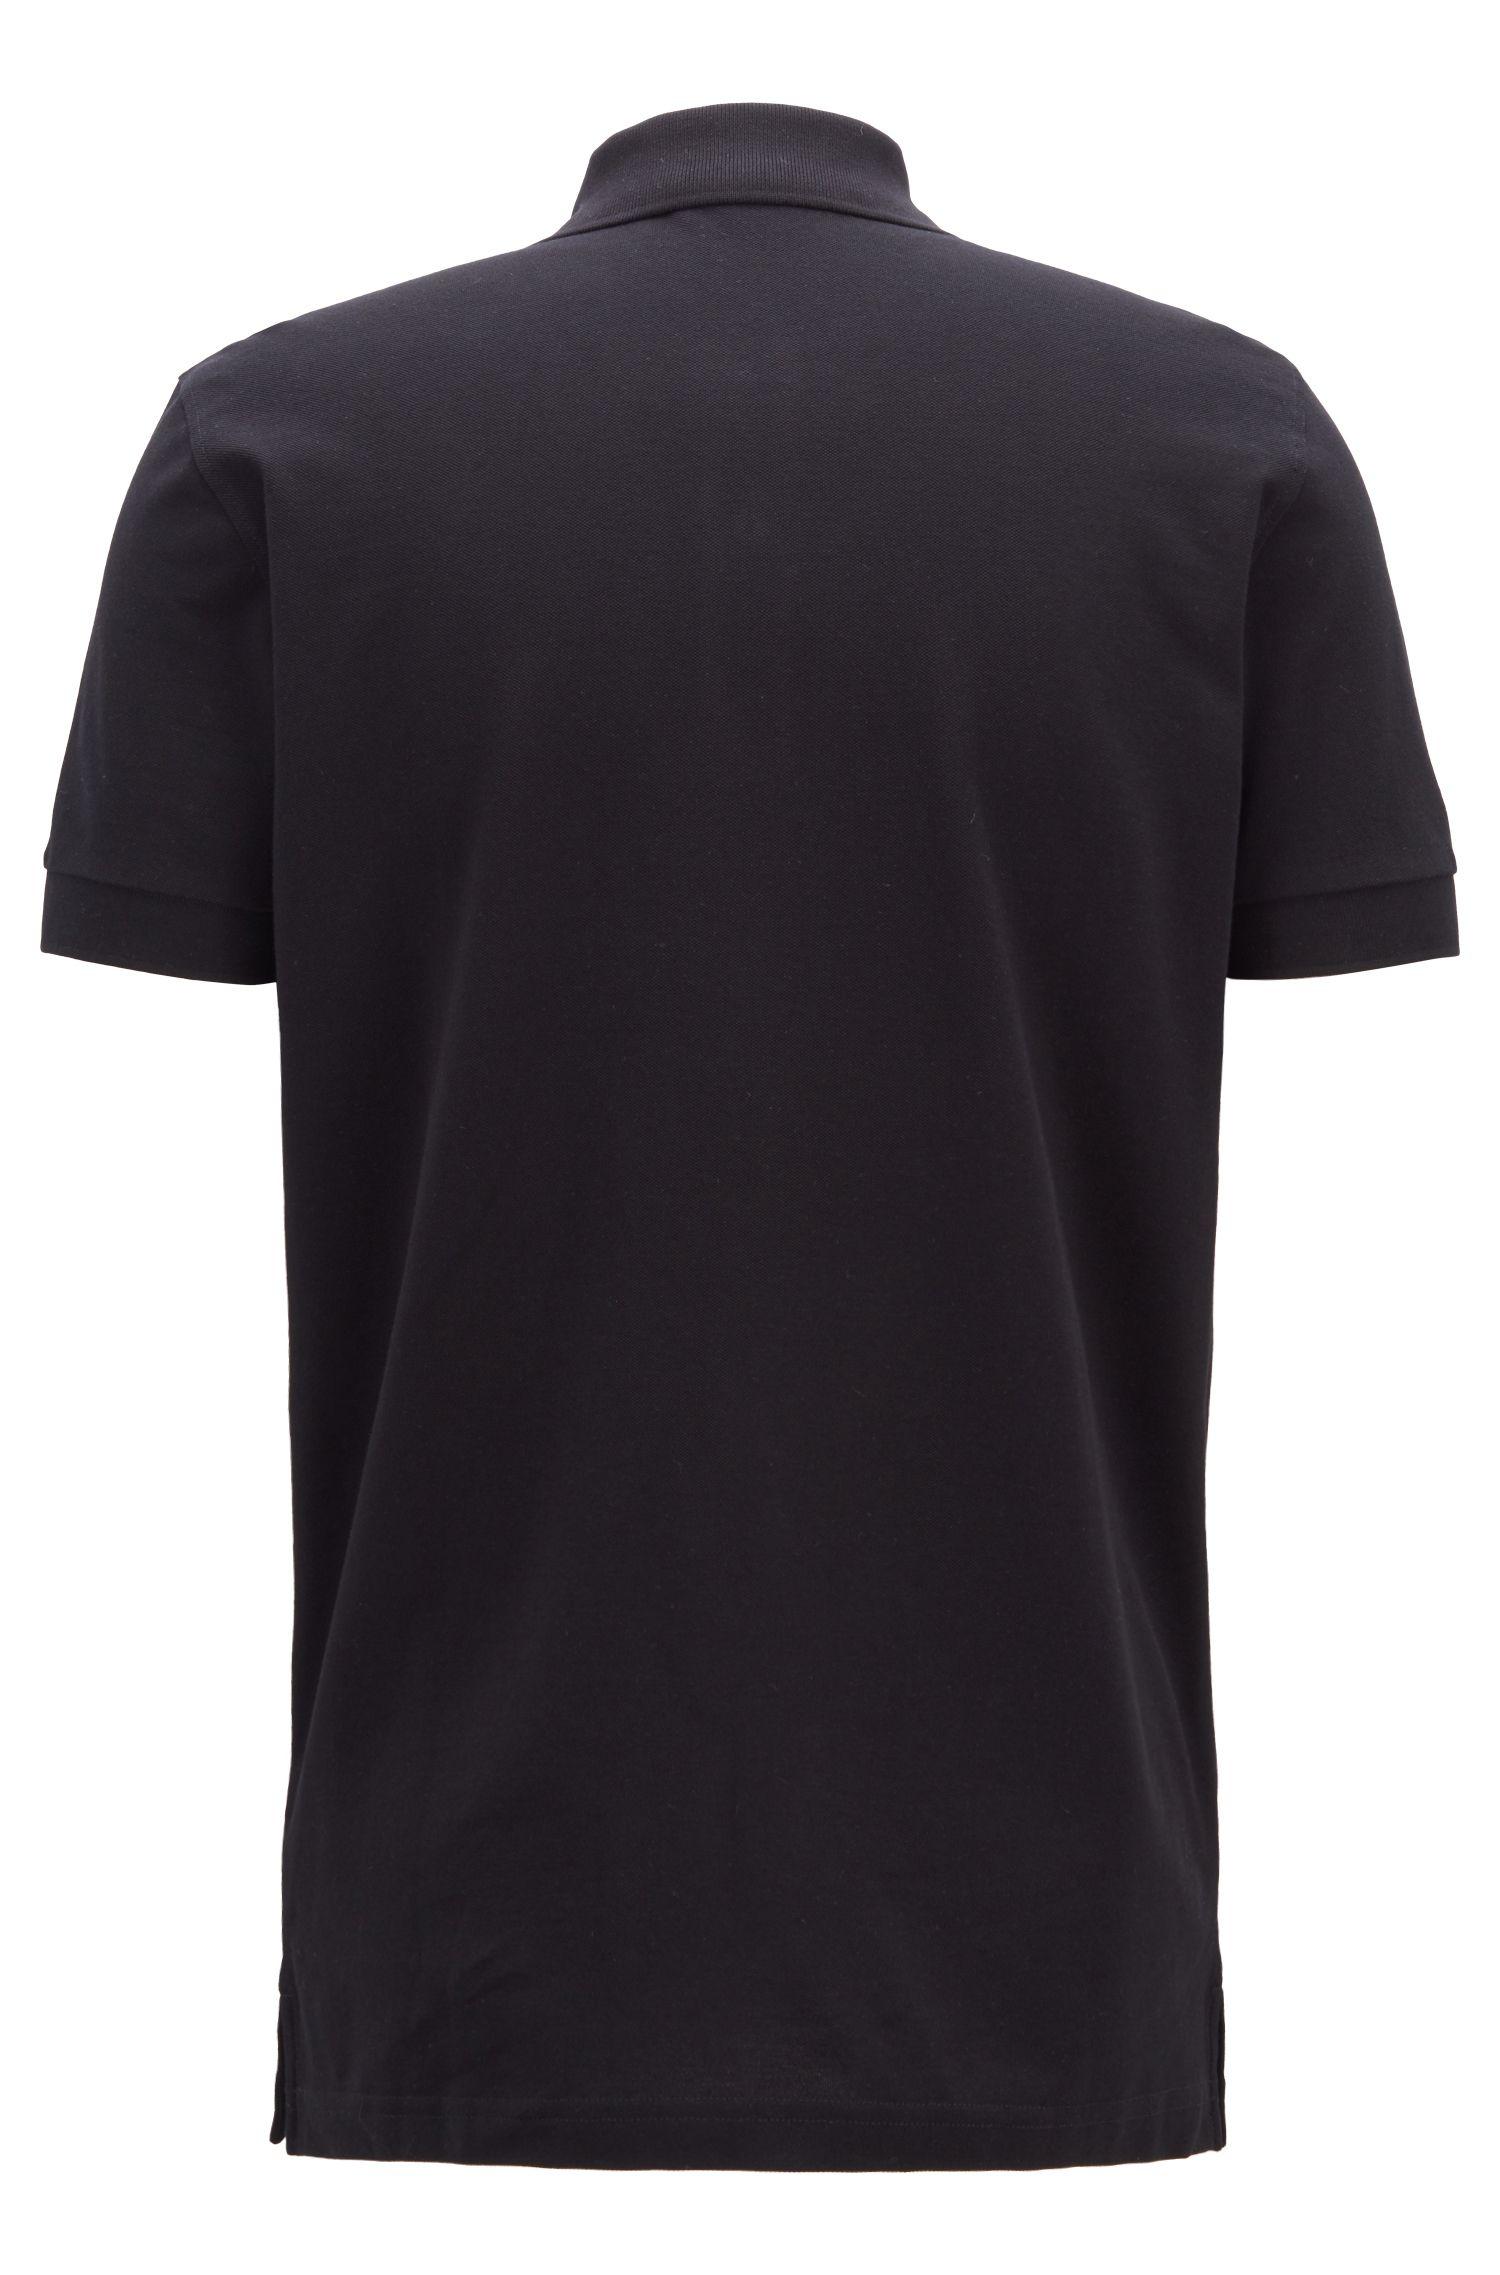 Regular-Fit Poloshirt aus Baumwoll-Piqué, Schwarz